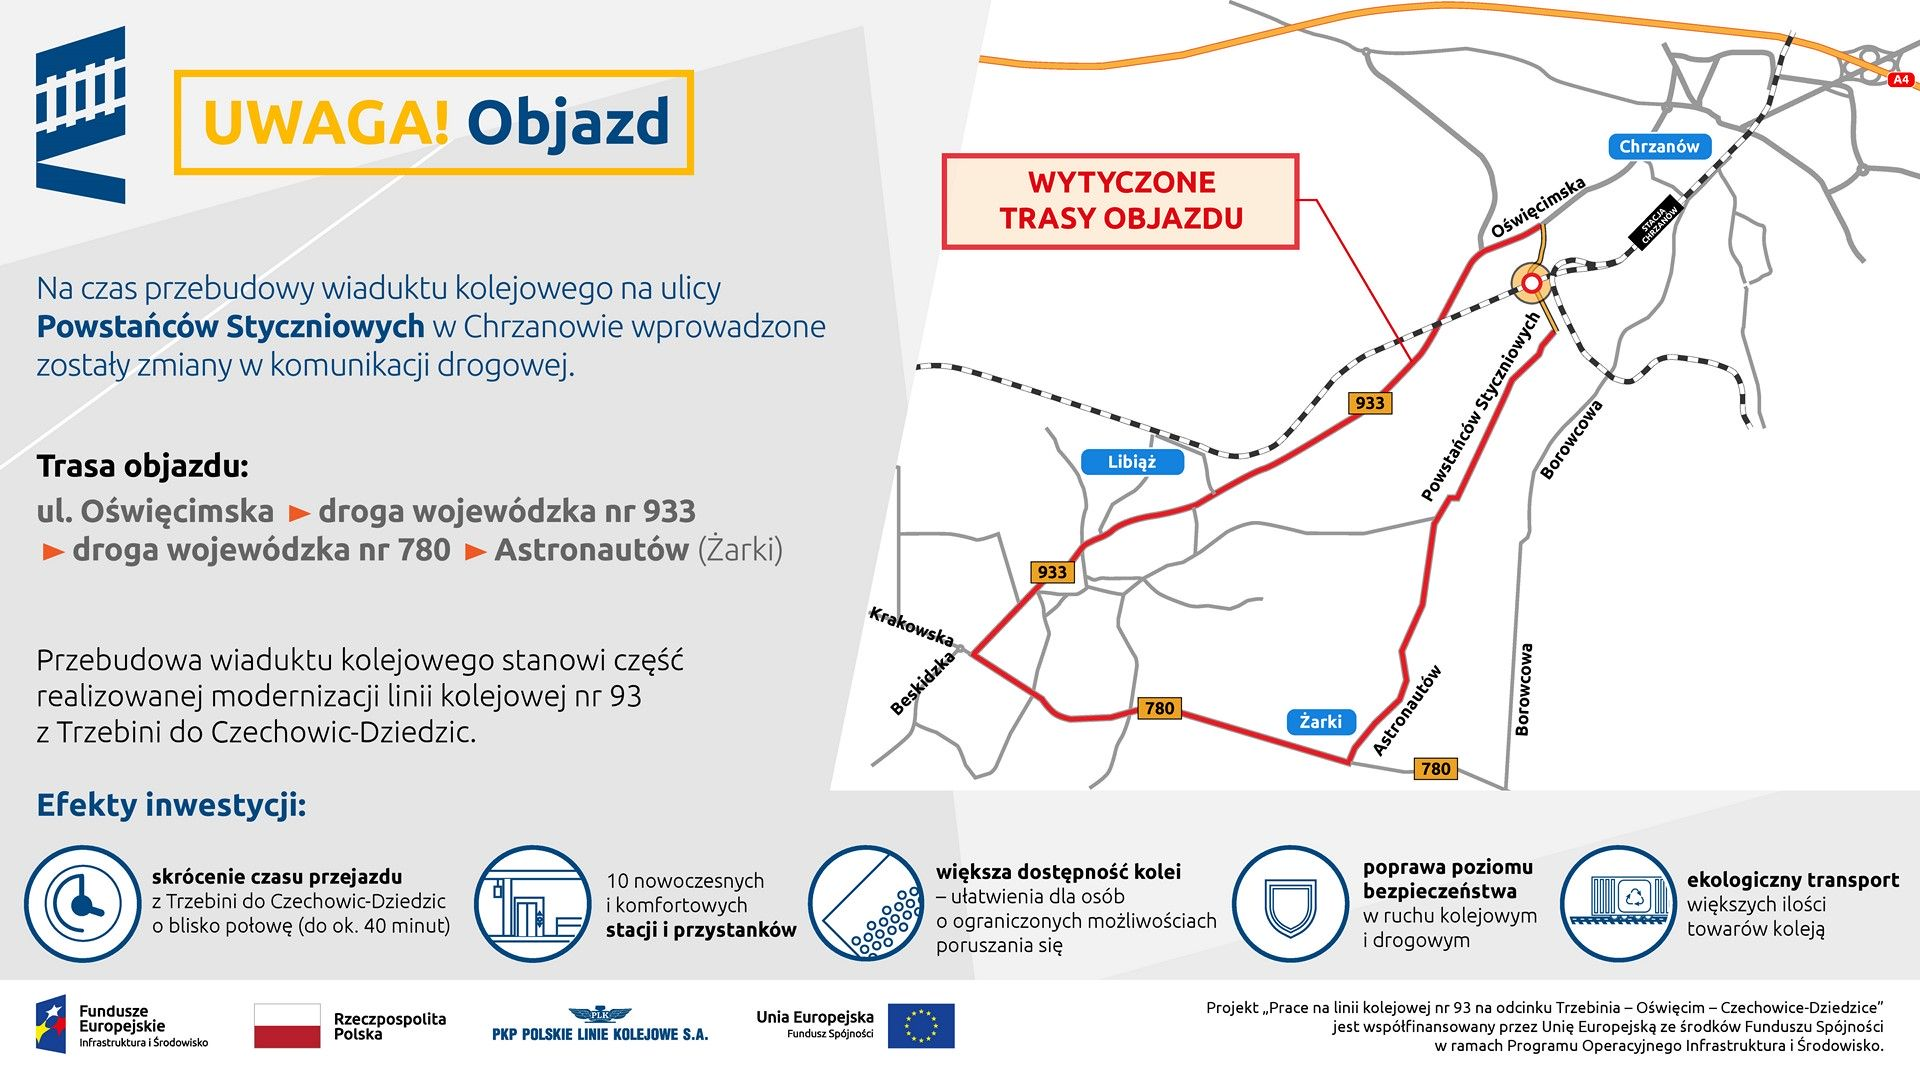 Infografika przedstawia trase objazdu na czas remontu wiaduktu w Chrzanowie na ulic Powstańców Styczniowych.